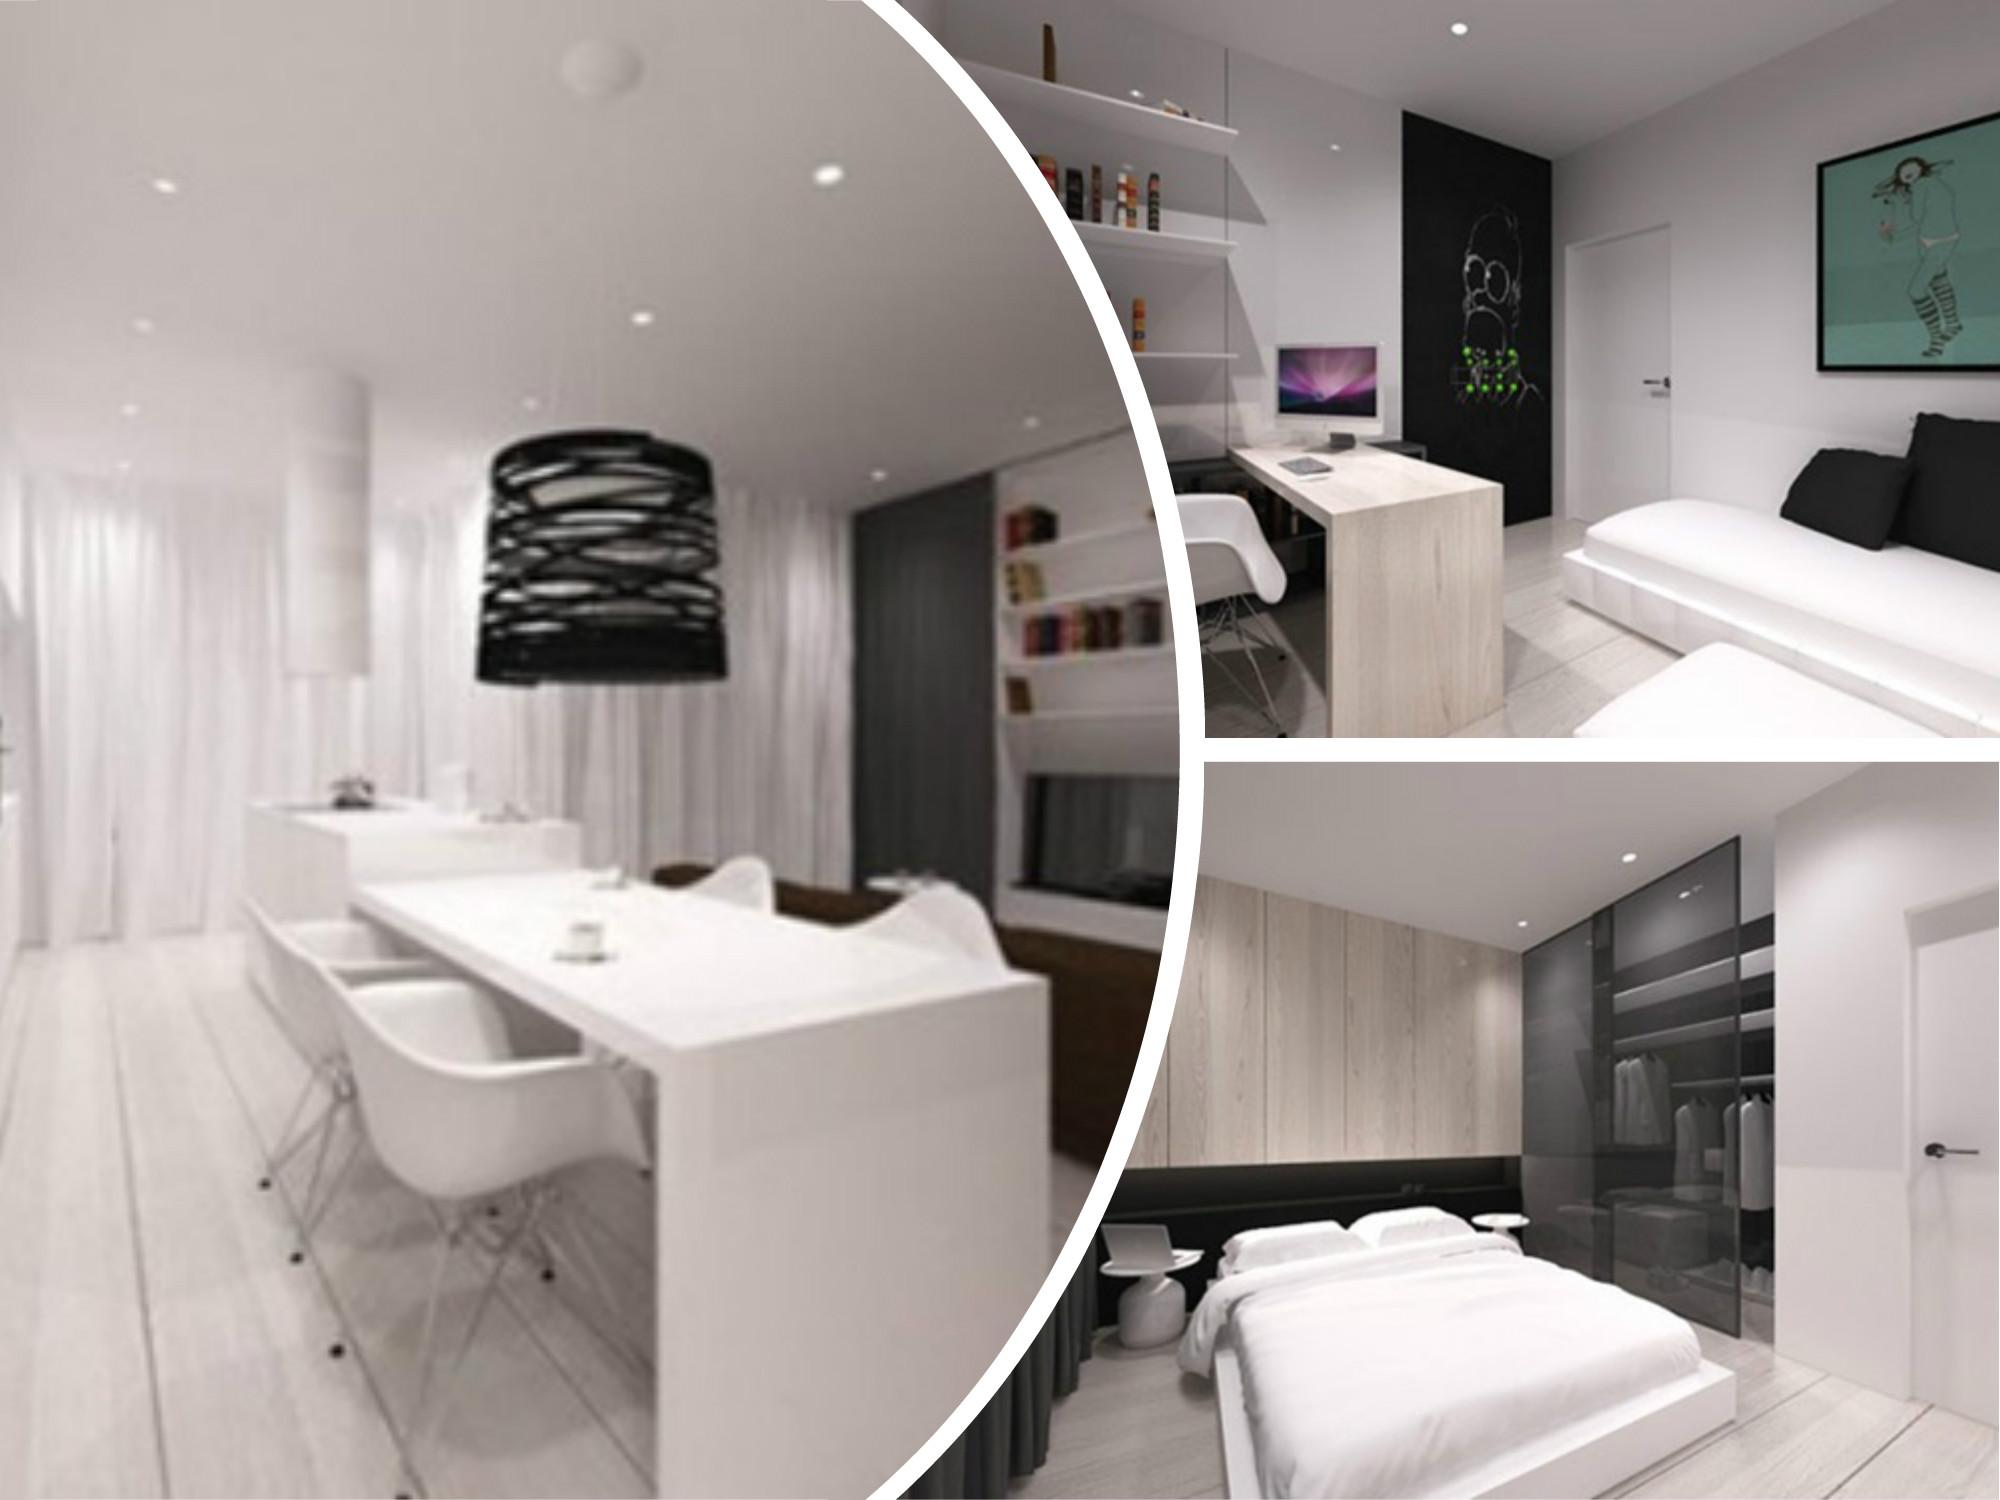 Apartamento minimalista y moderno en polonia for Decoracion casa minimalista